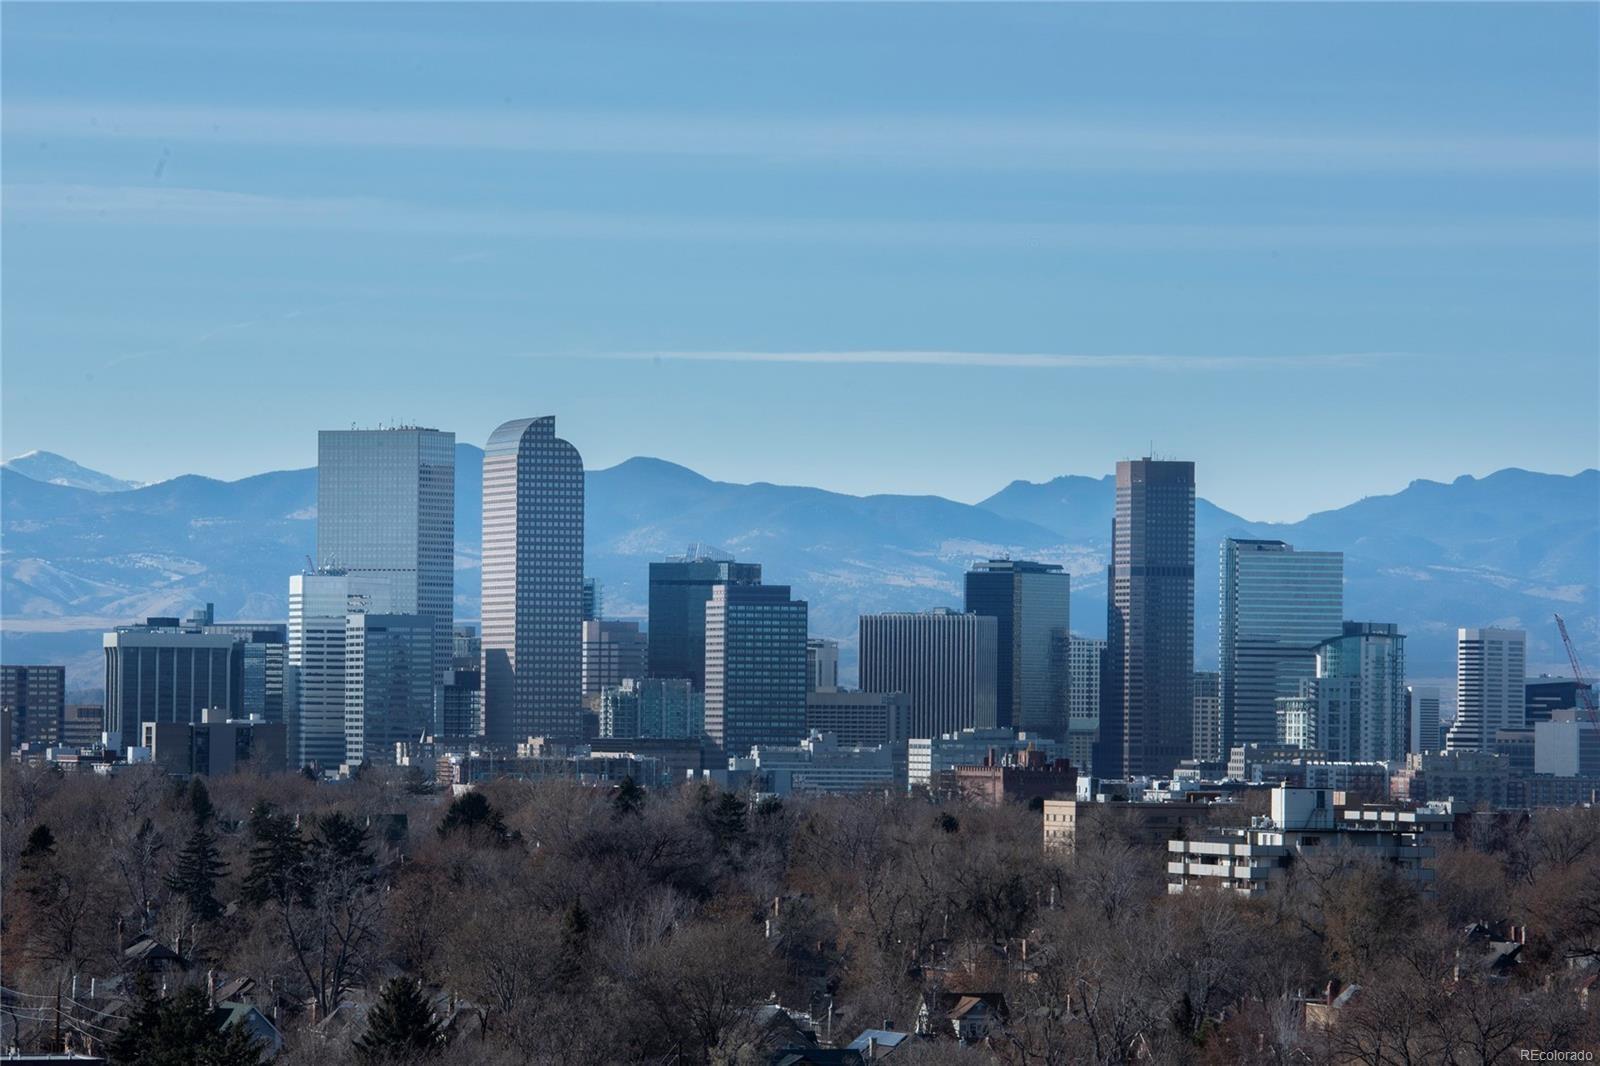 MLS# 2939235 - 1 - 1155  Ash Street, Denver, CO 80220